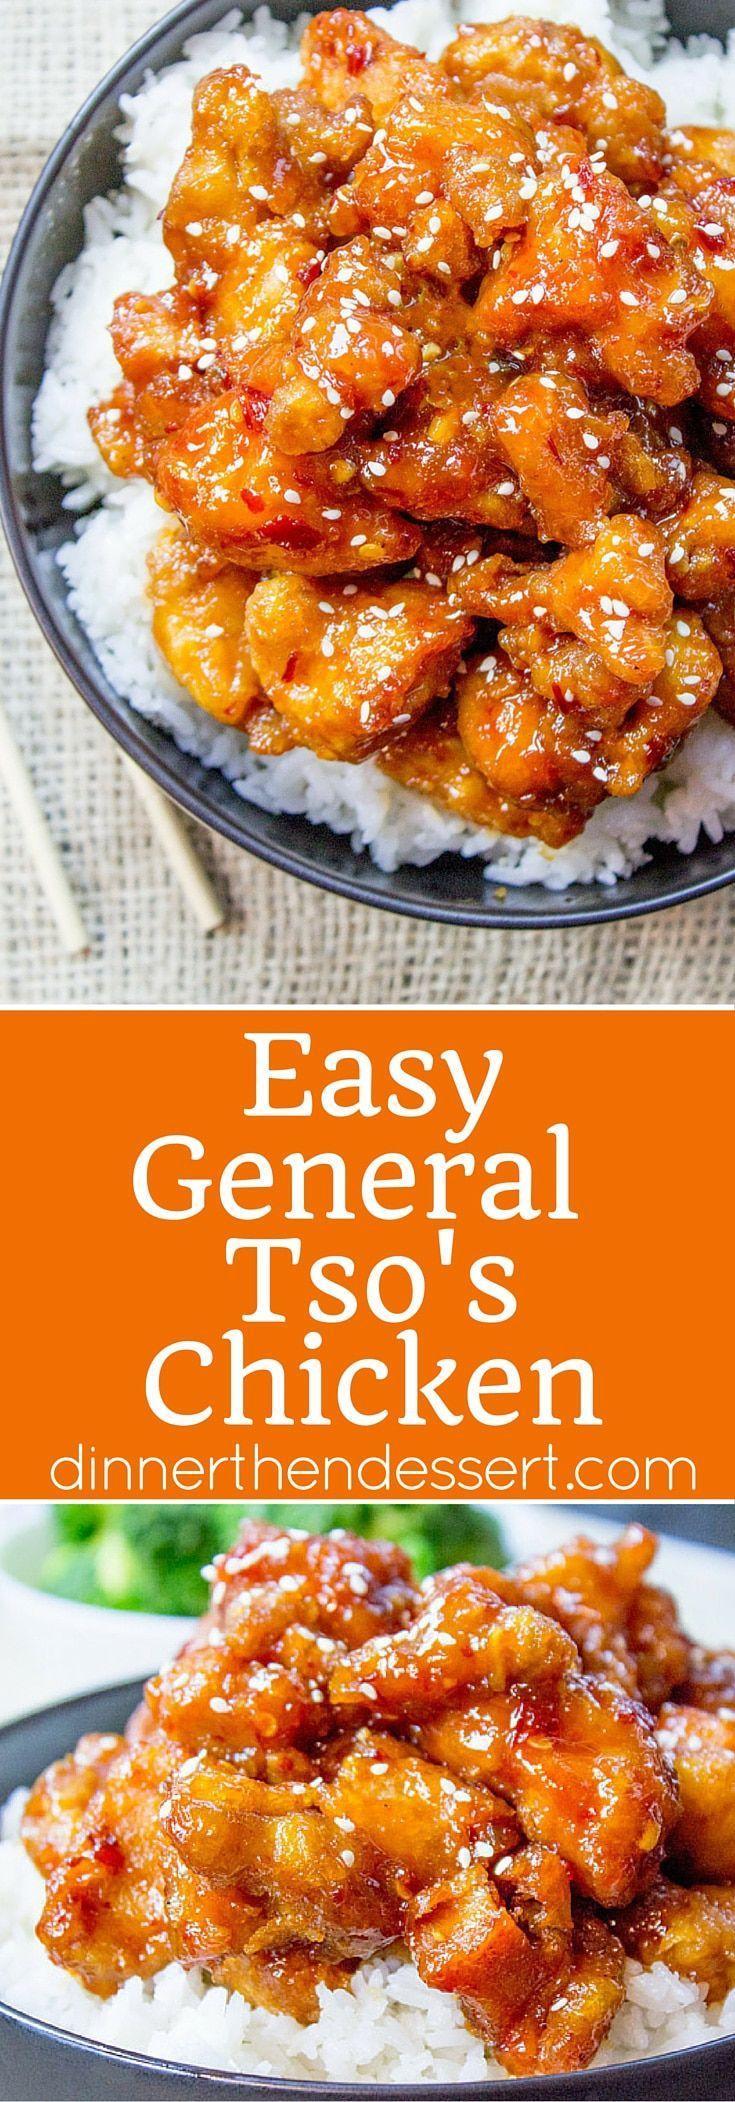 Das Hühnchen von General Tso ist ein beliebtes chinesisches Essen zum Mitnehmen, das ... -  #... #chinesefood